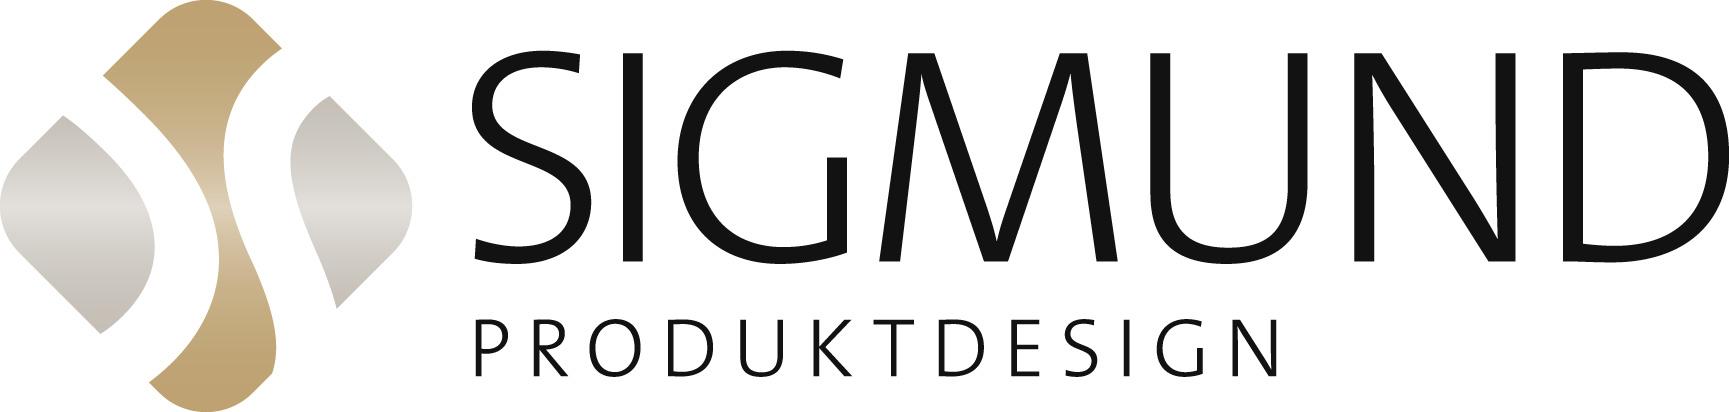 Sigmund Produktdesign GmbH